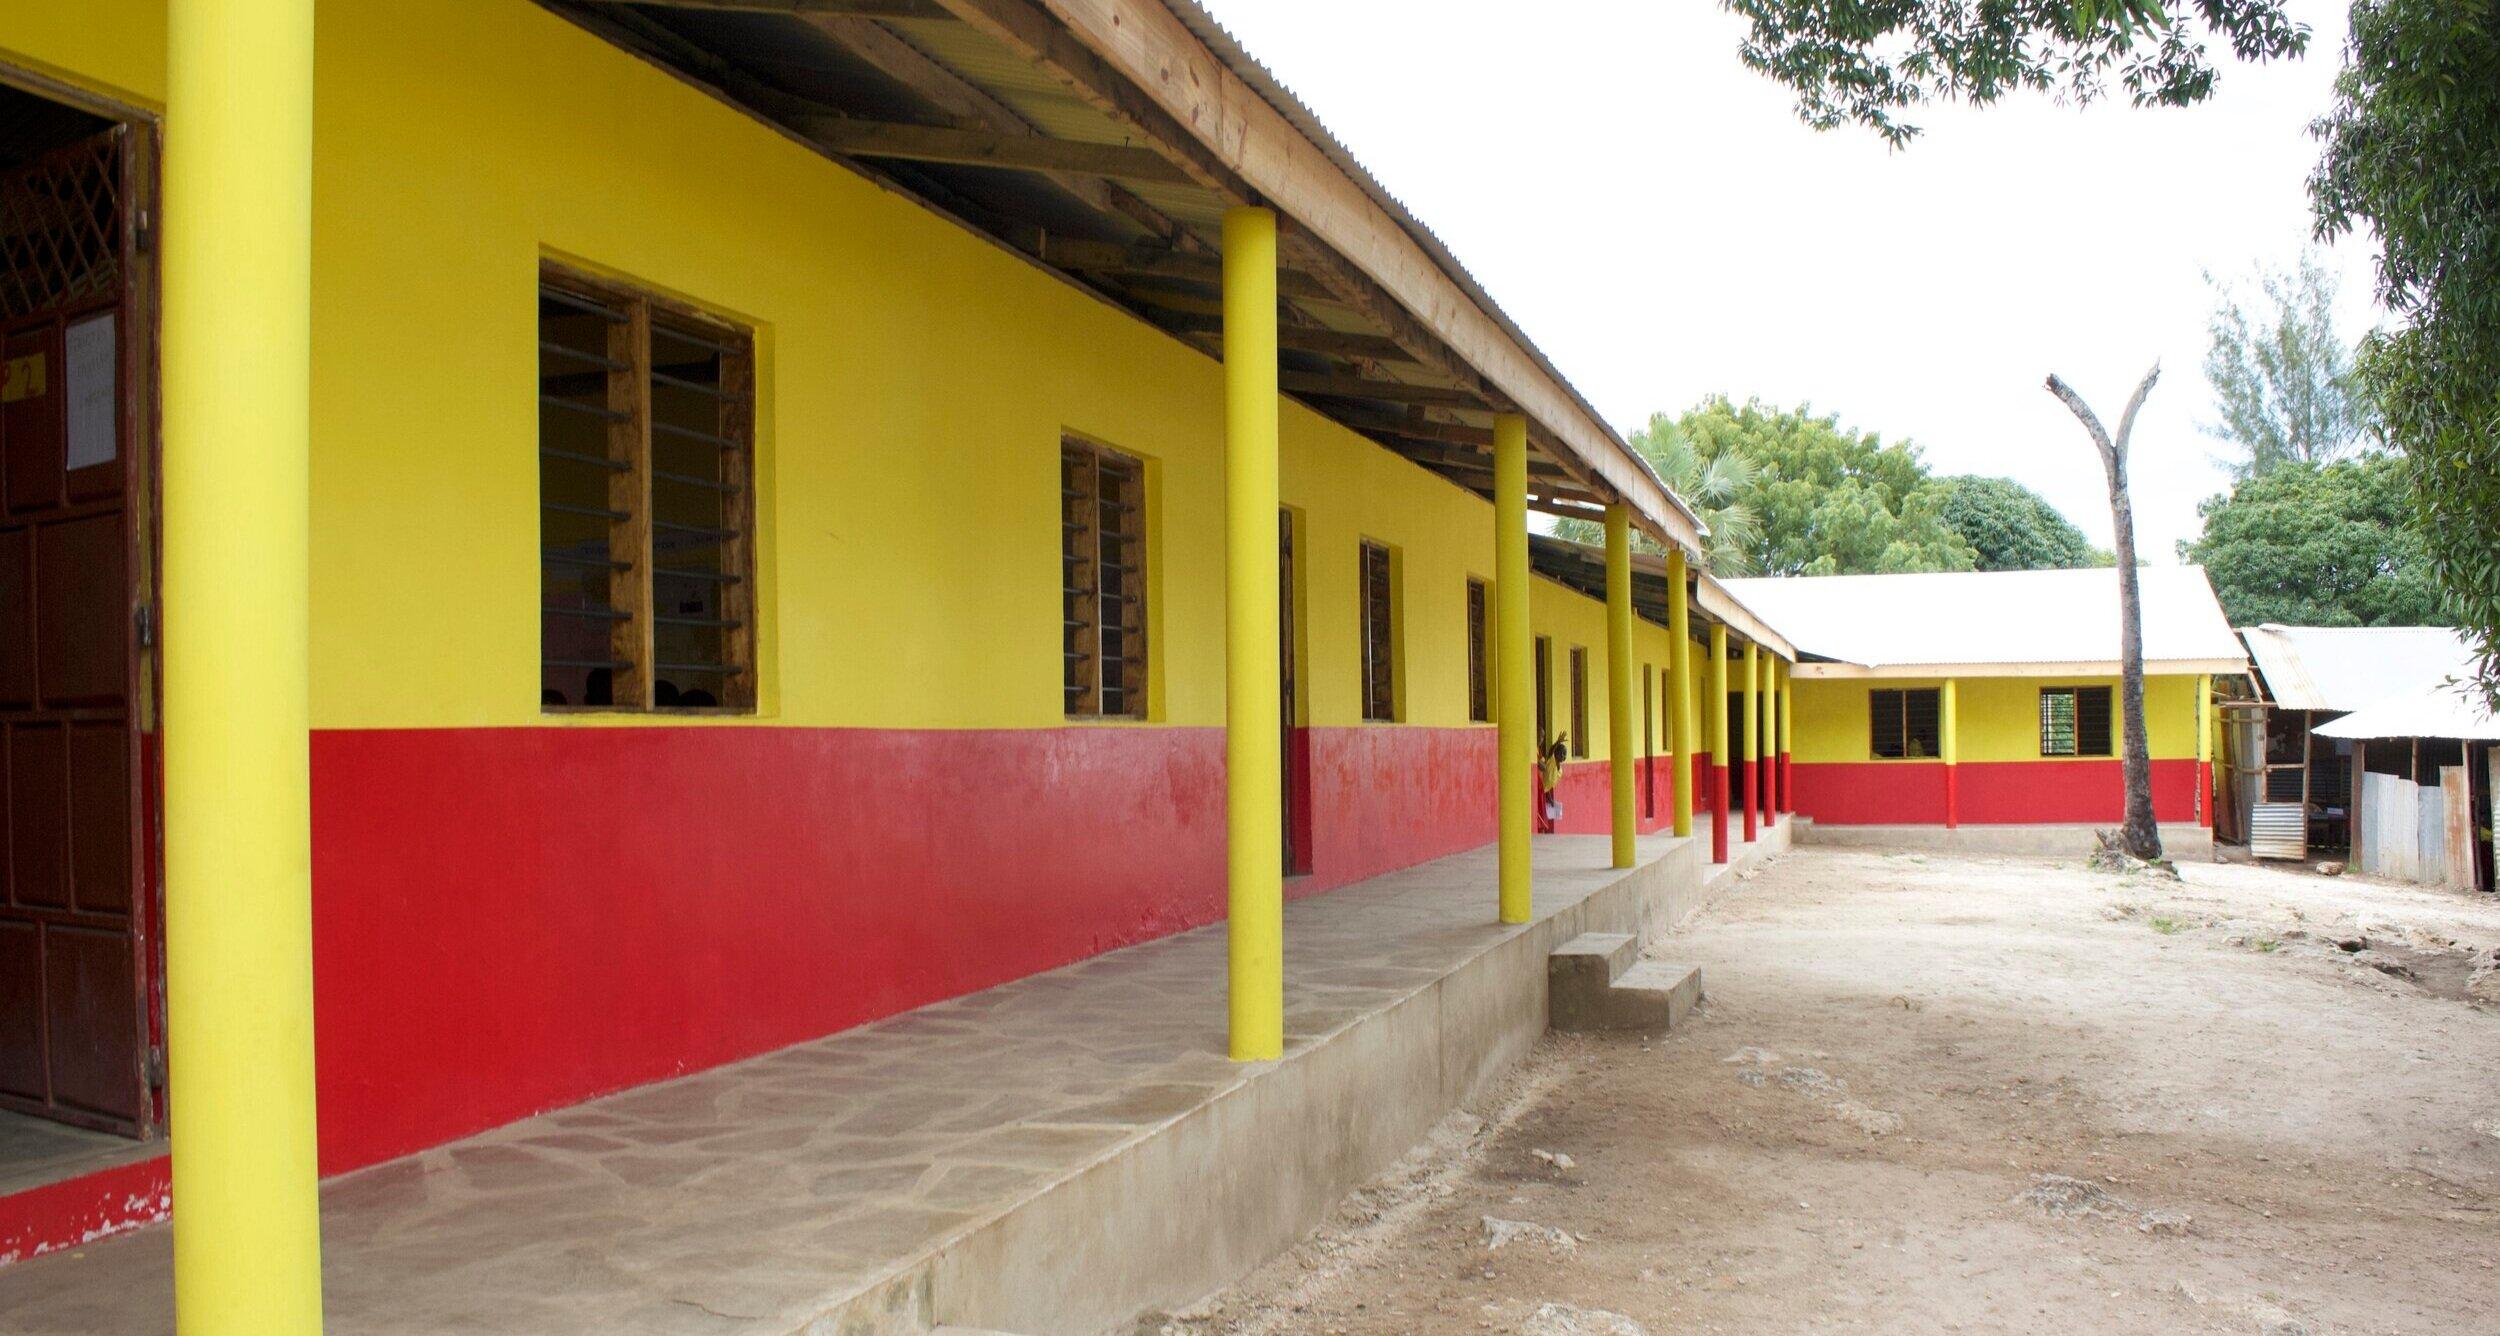 Das neue Gebäude - Ein erfahrender Architekt aus Kwale hat die Schule entworfen. Er hat in der Region bereits eine ähnliche Schule geplant, welche erfolgreich umgesetzt wurde.